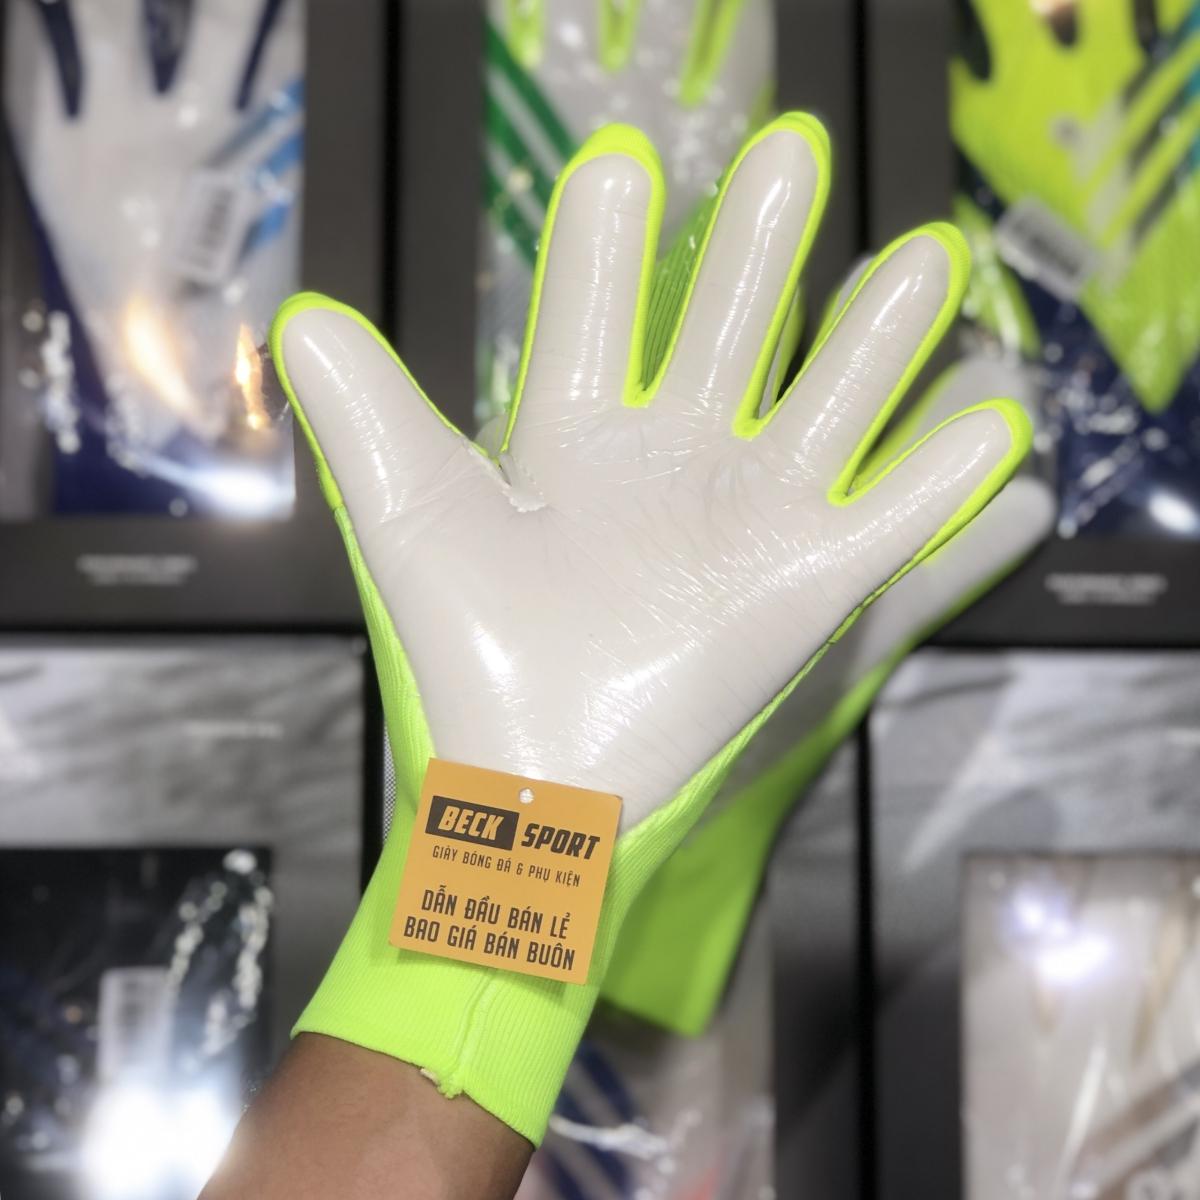 Găng Tay Adidas X Pro Trắng Nõn Chuối Vạch Đen (Không Xương)